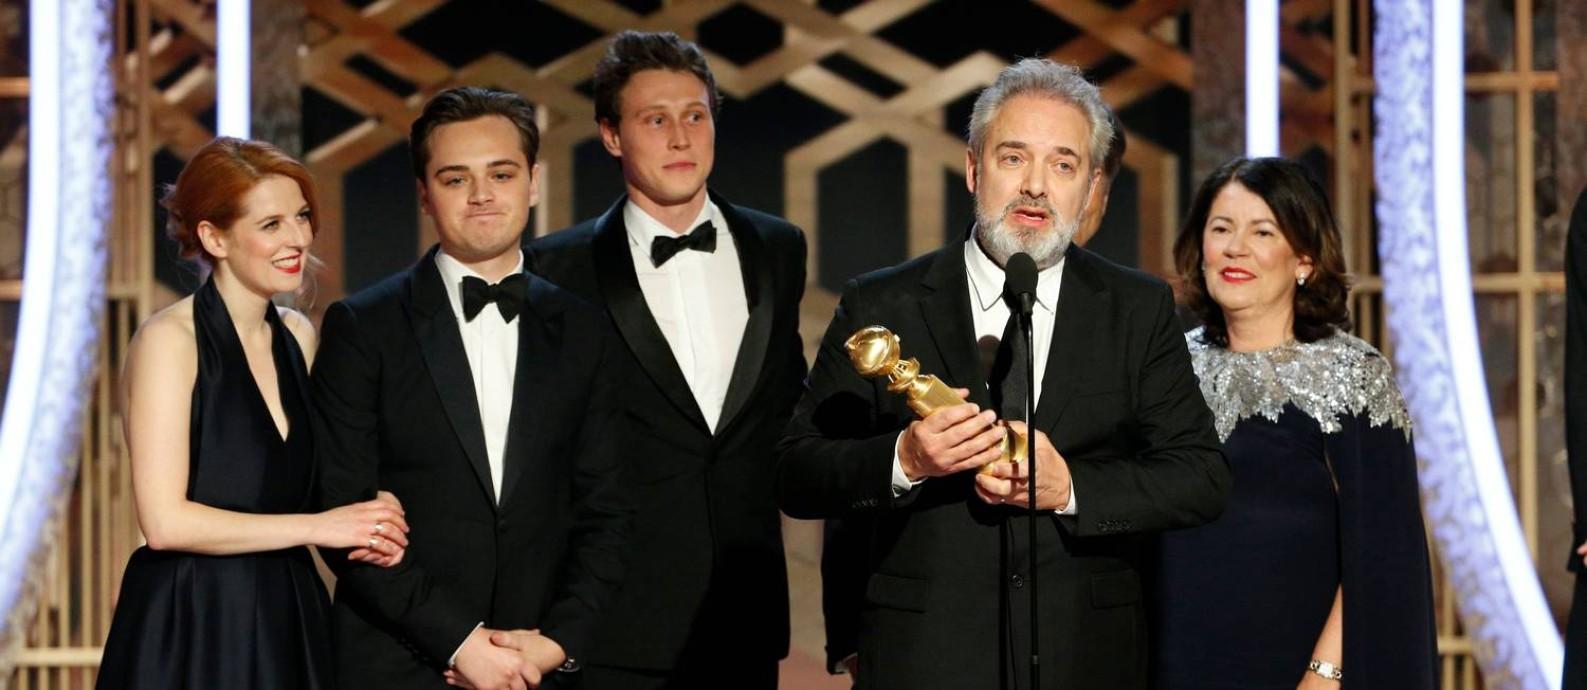 """Com um Globo de Ouro na mão, o diretor britânico Sam Mendes celebra ao lado da equipe a dupla vitória de """"1917"""", que venceu os principais prêmios da noite, direção e filme de drama, desbancando Scorsese e seu """"O irlandês"""" Foto: HANDOUT / REUTERS"""